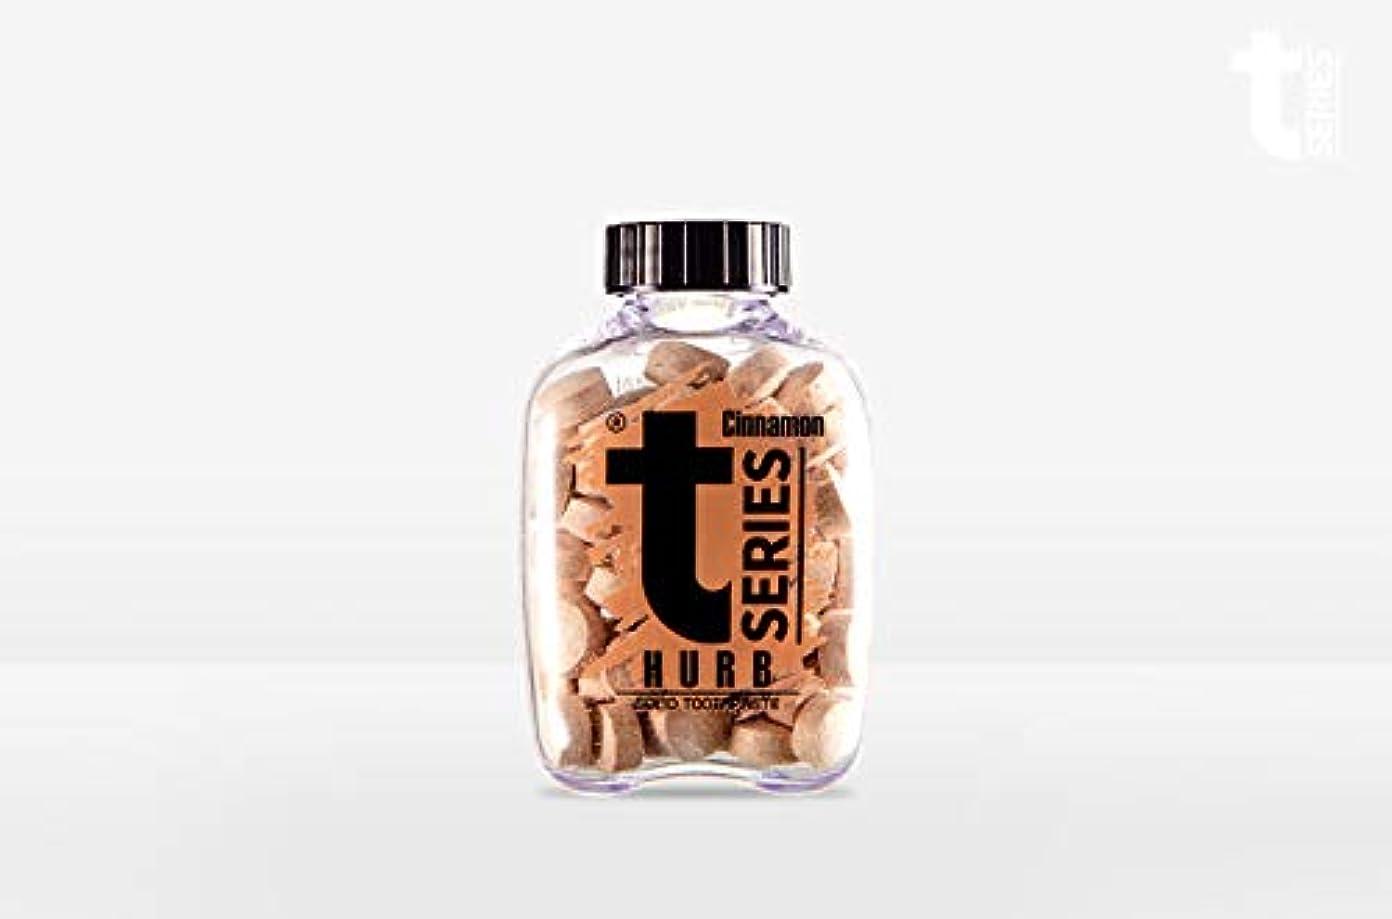 T - シリーズチュアブル ポータブル練り歯磨きソリッドタブレット型60タブ # ハーブシナモン